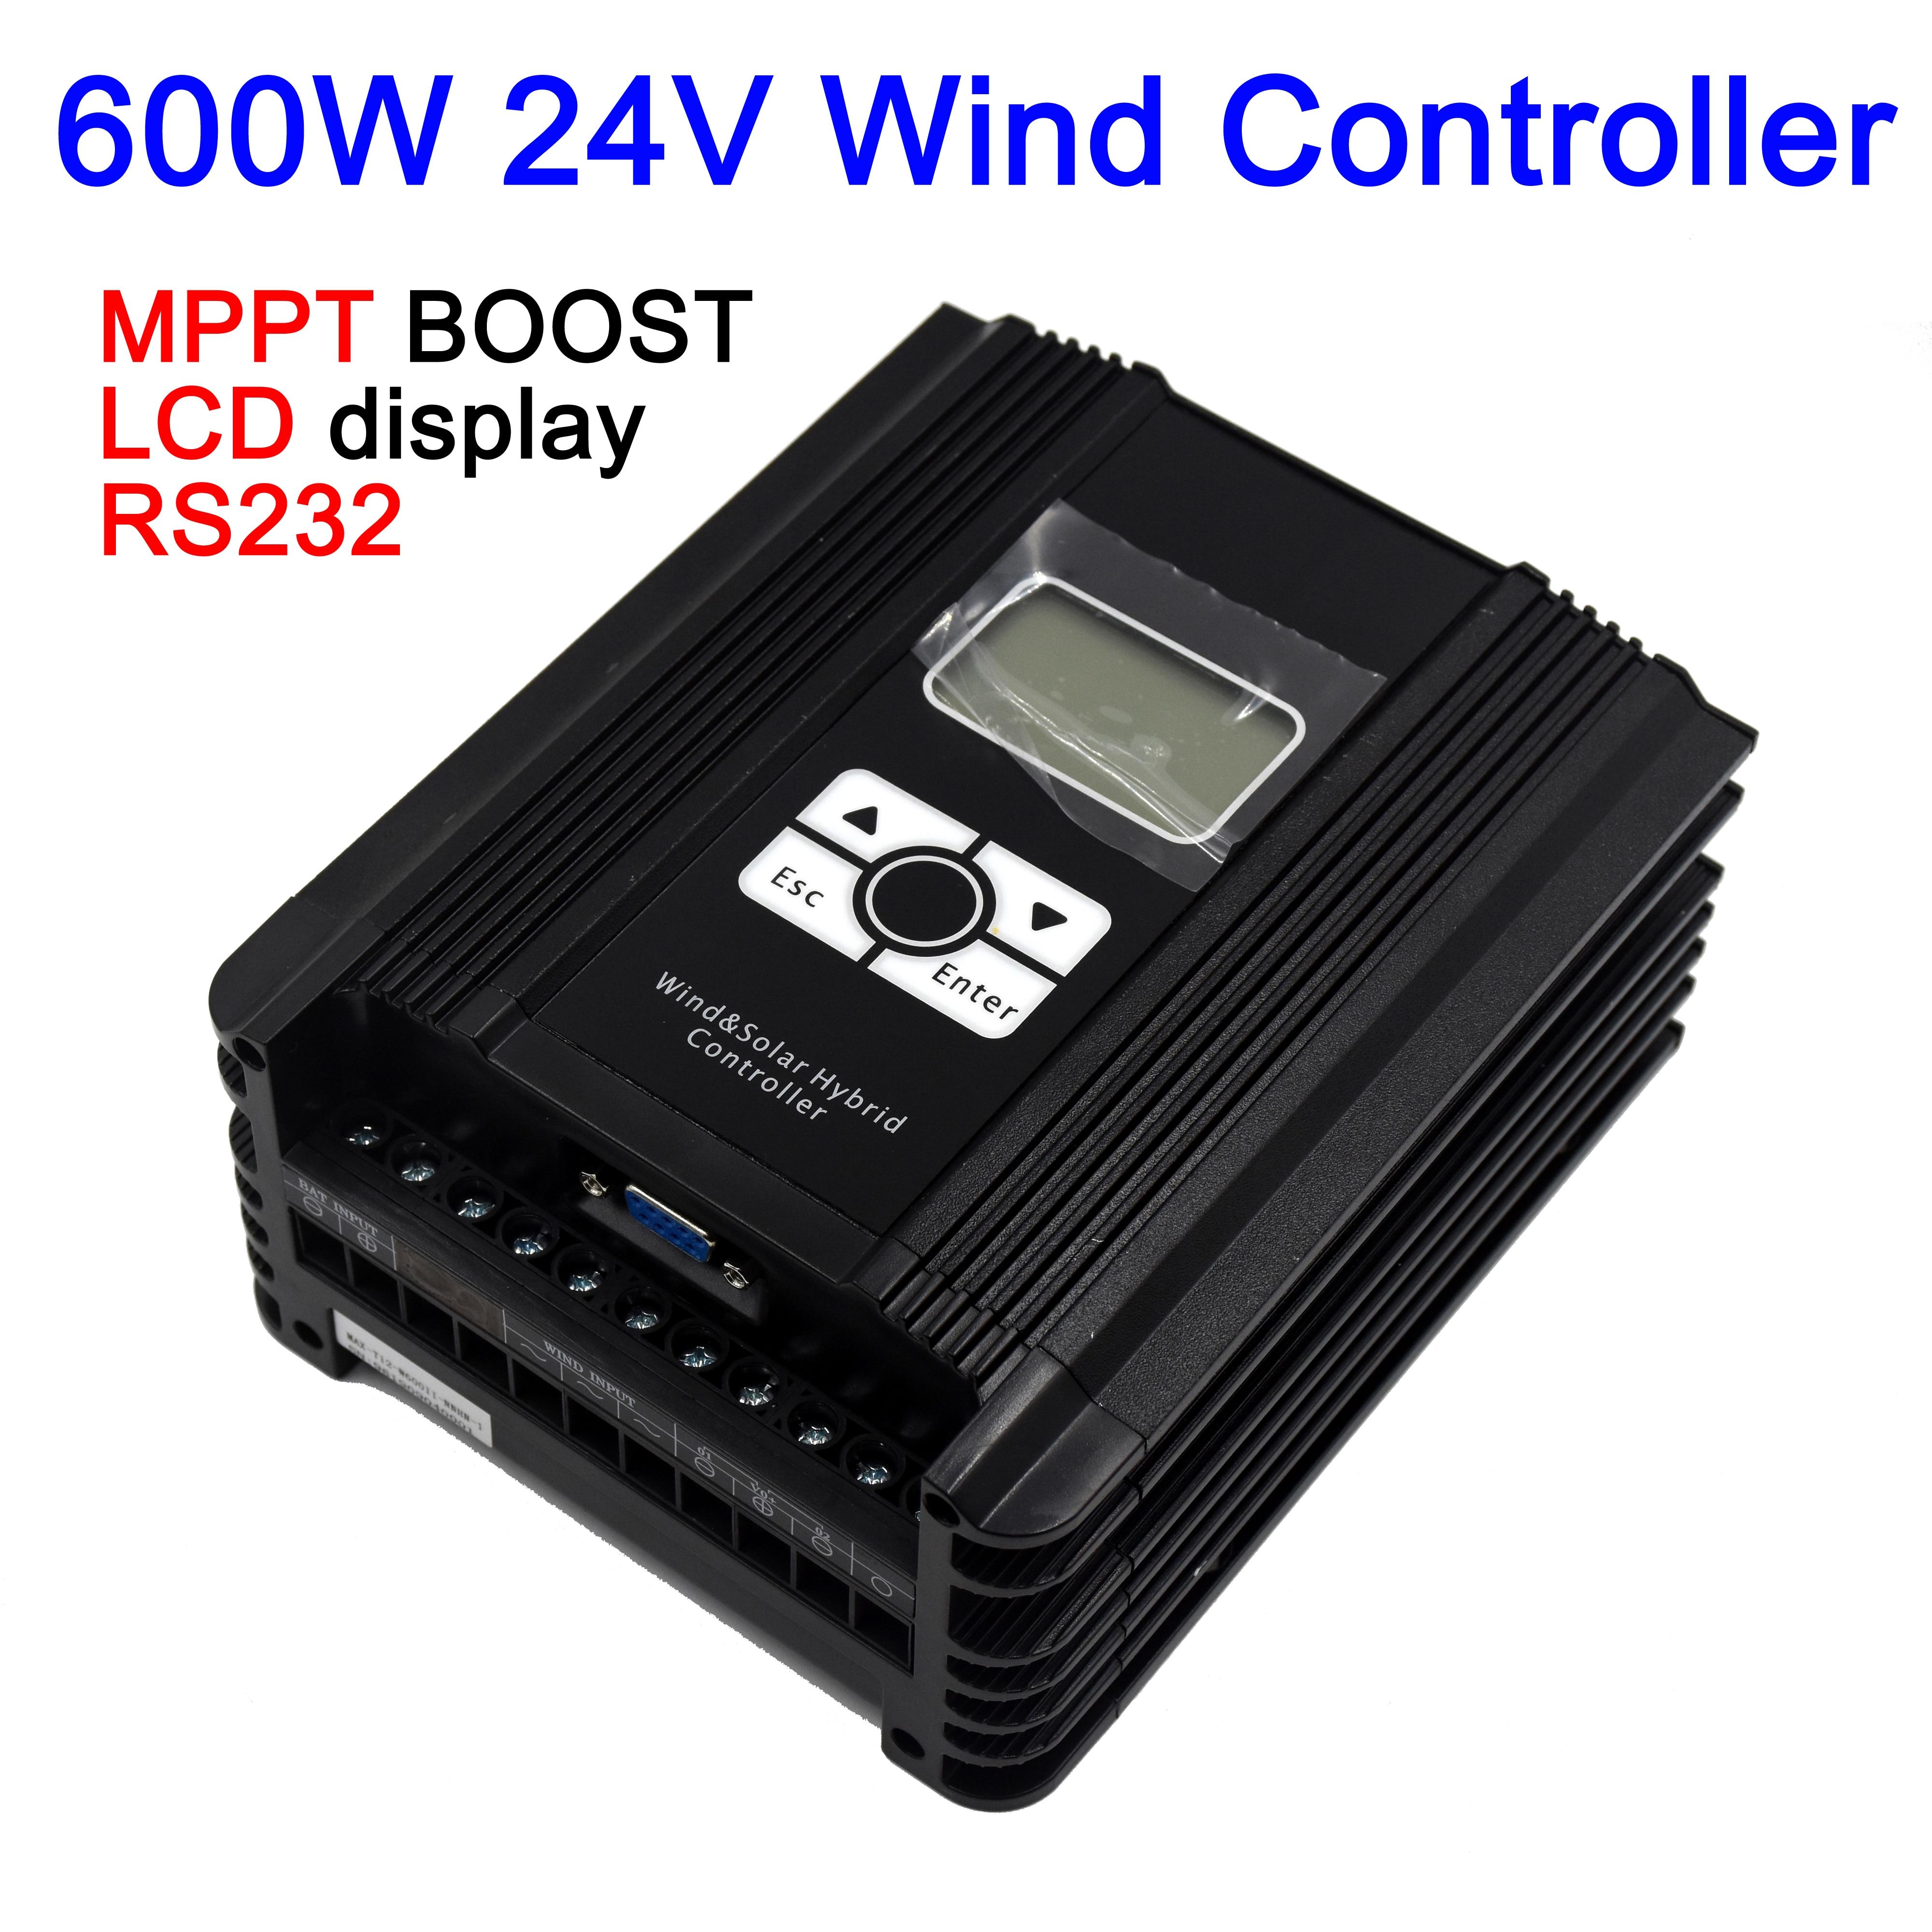 600W 24V wind solar hybrid MPPT (modelo de impulso) controlador de cargador con pantalla LCD, comunicación RS232, puerto de salida dual 12A